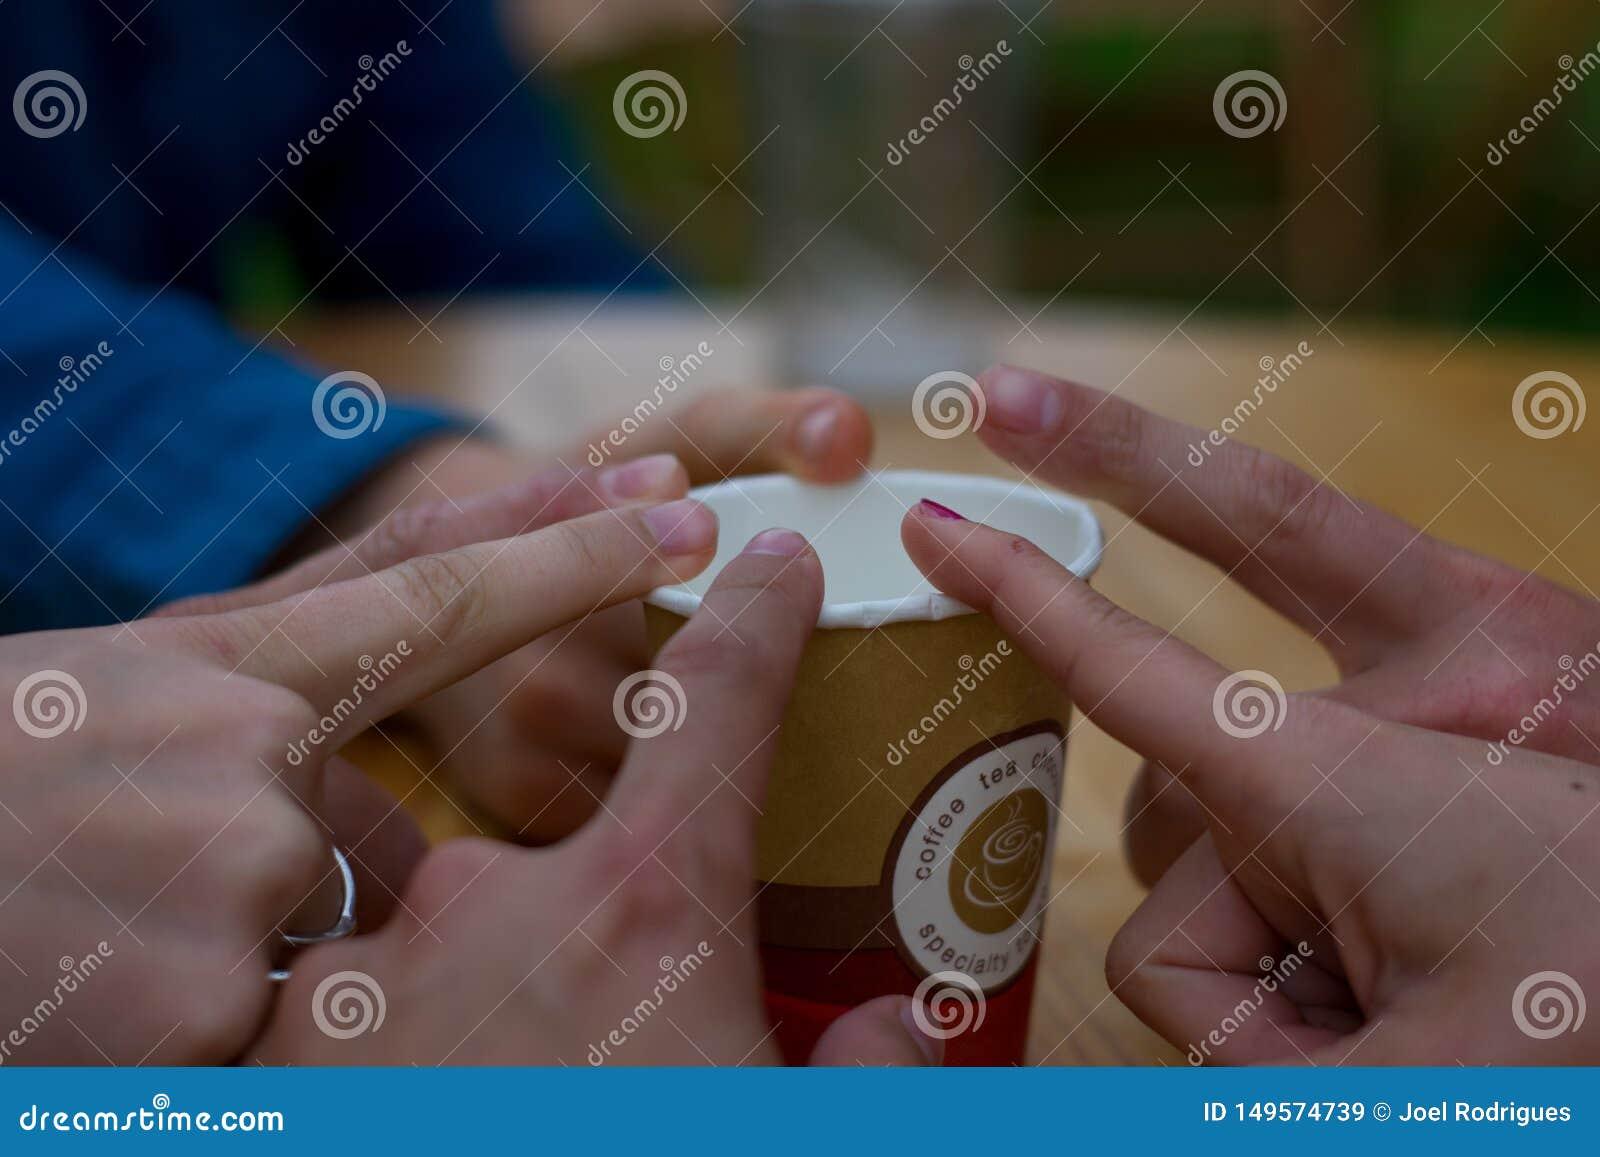 Linkebeek, B?lgica - 8 de junho de 2018: Grupo de amigos que tocam no dedo no copo de caf?